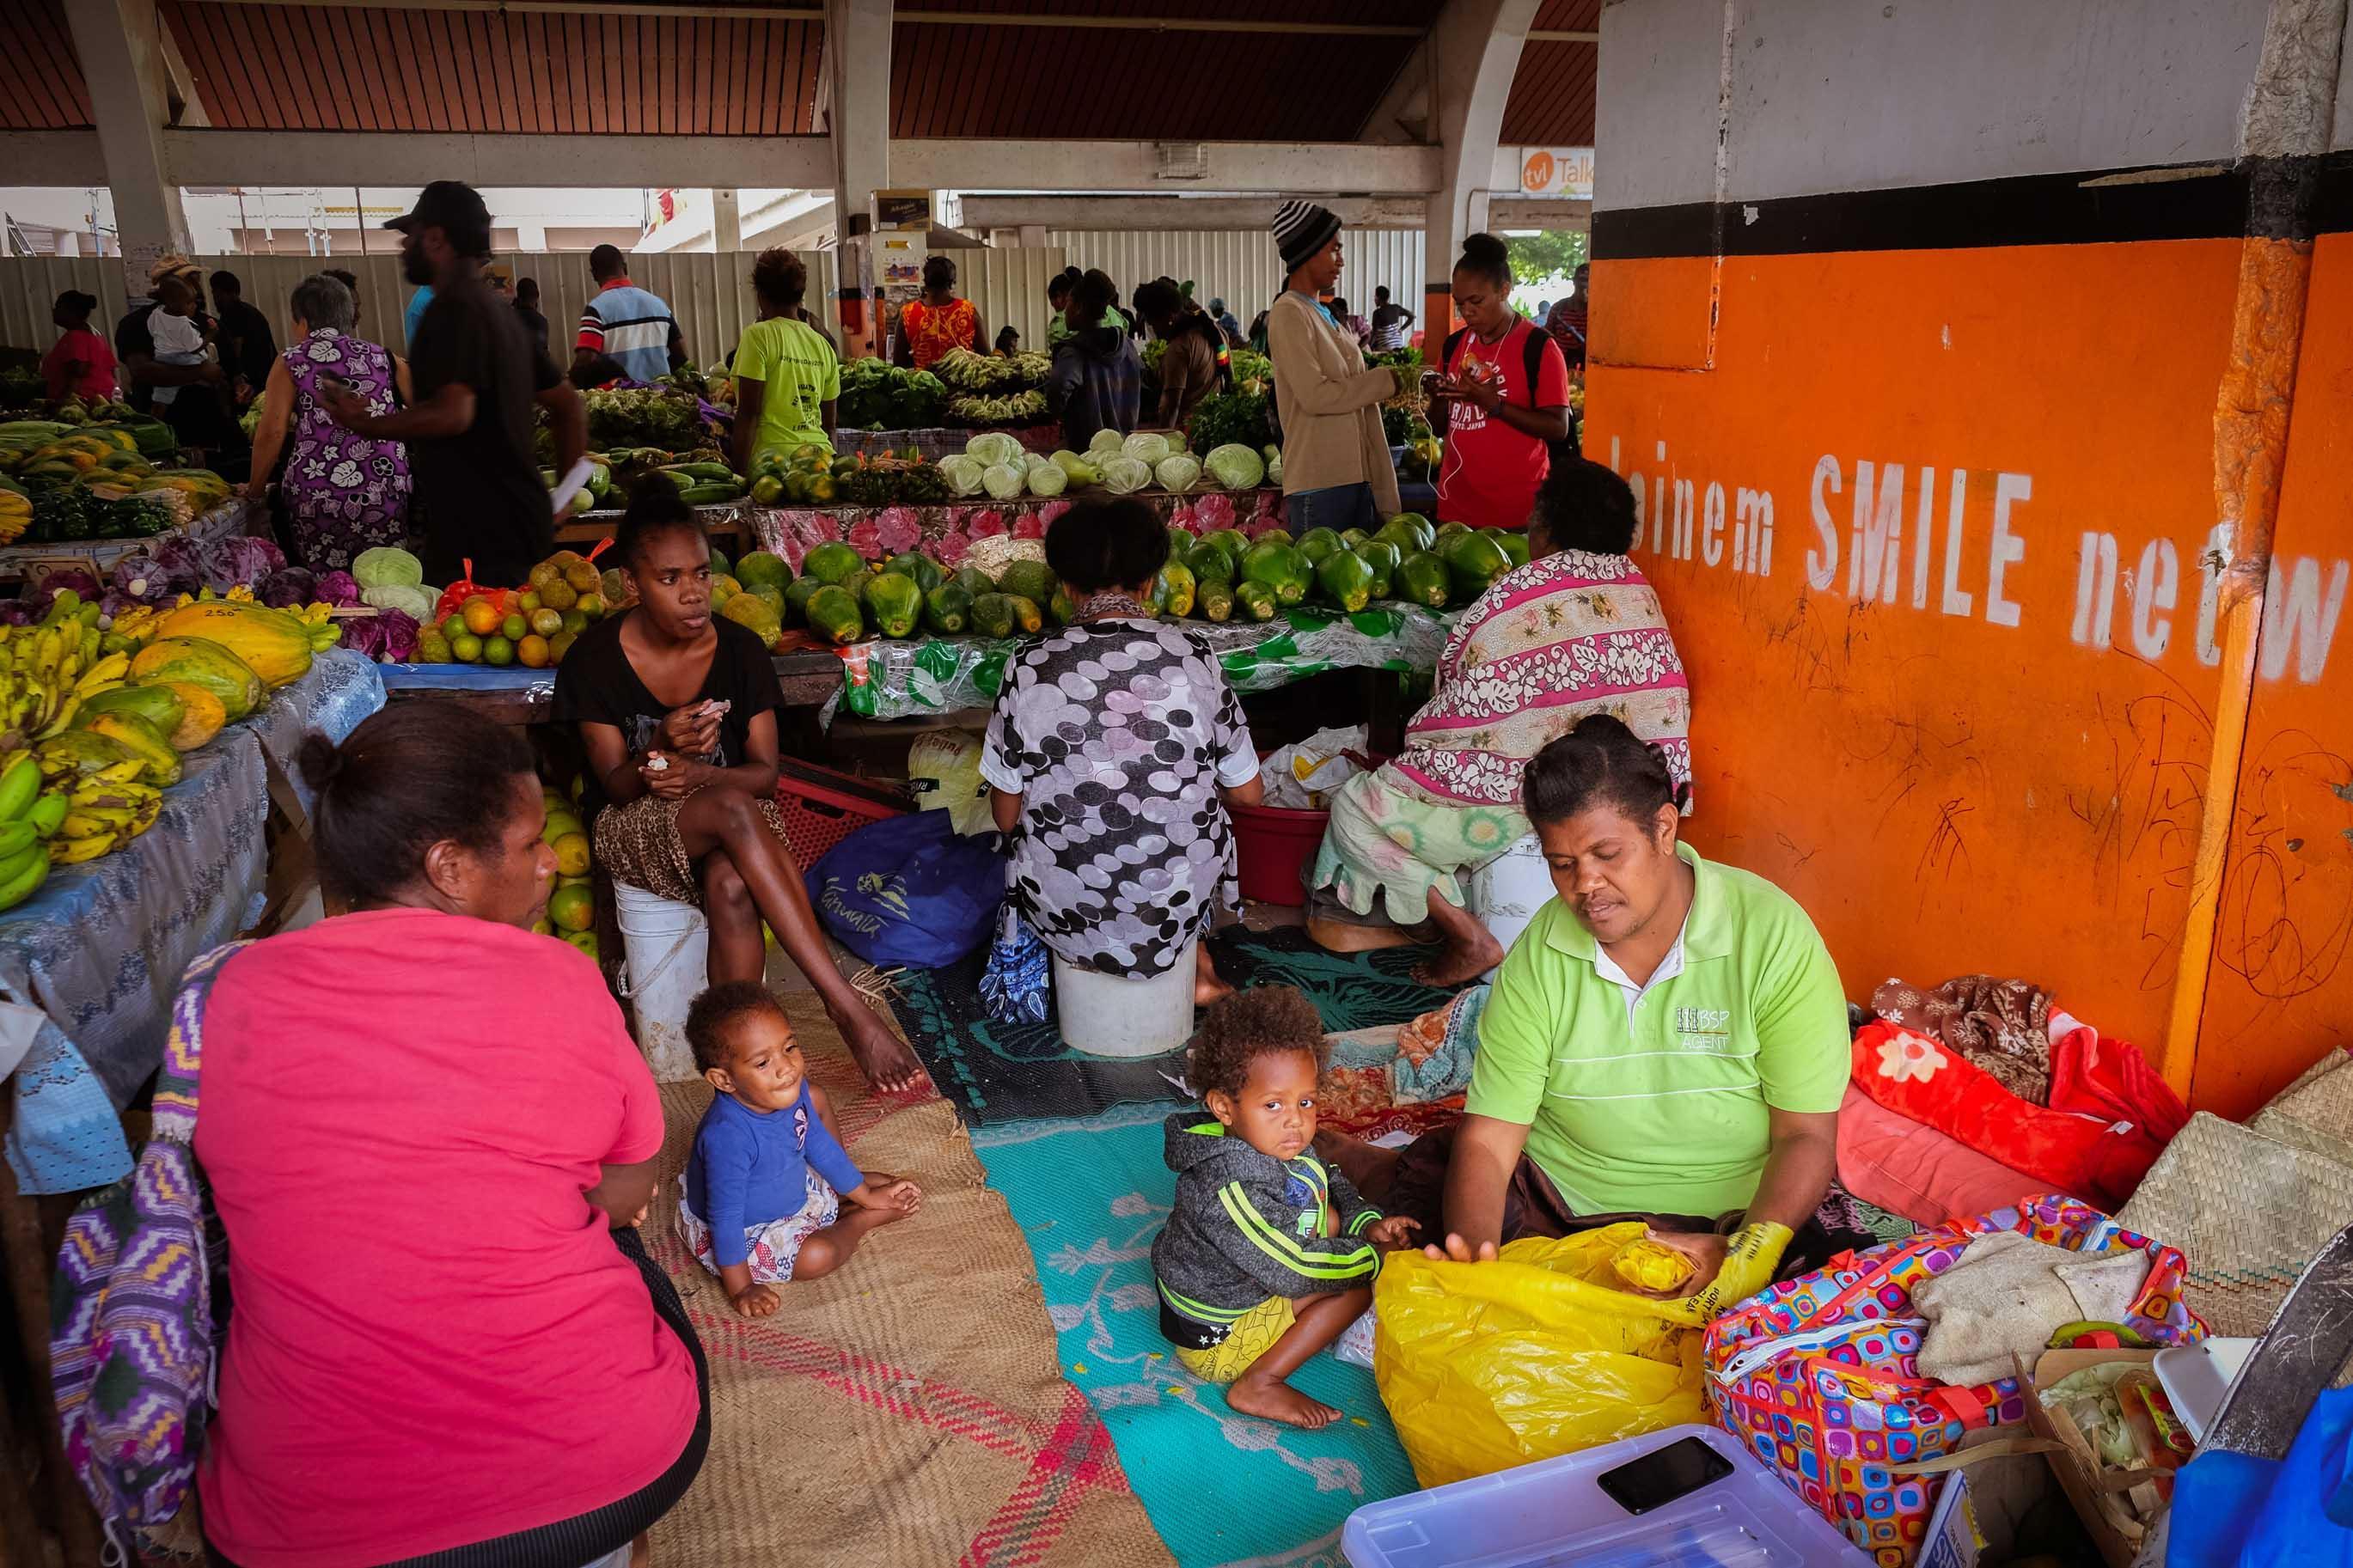 Trhy v Port Ville, prodej zeleniny z komunity Rondal školy, Osobní zkušenosti, fotograf Lenka Martincová